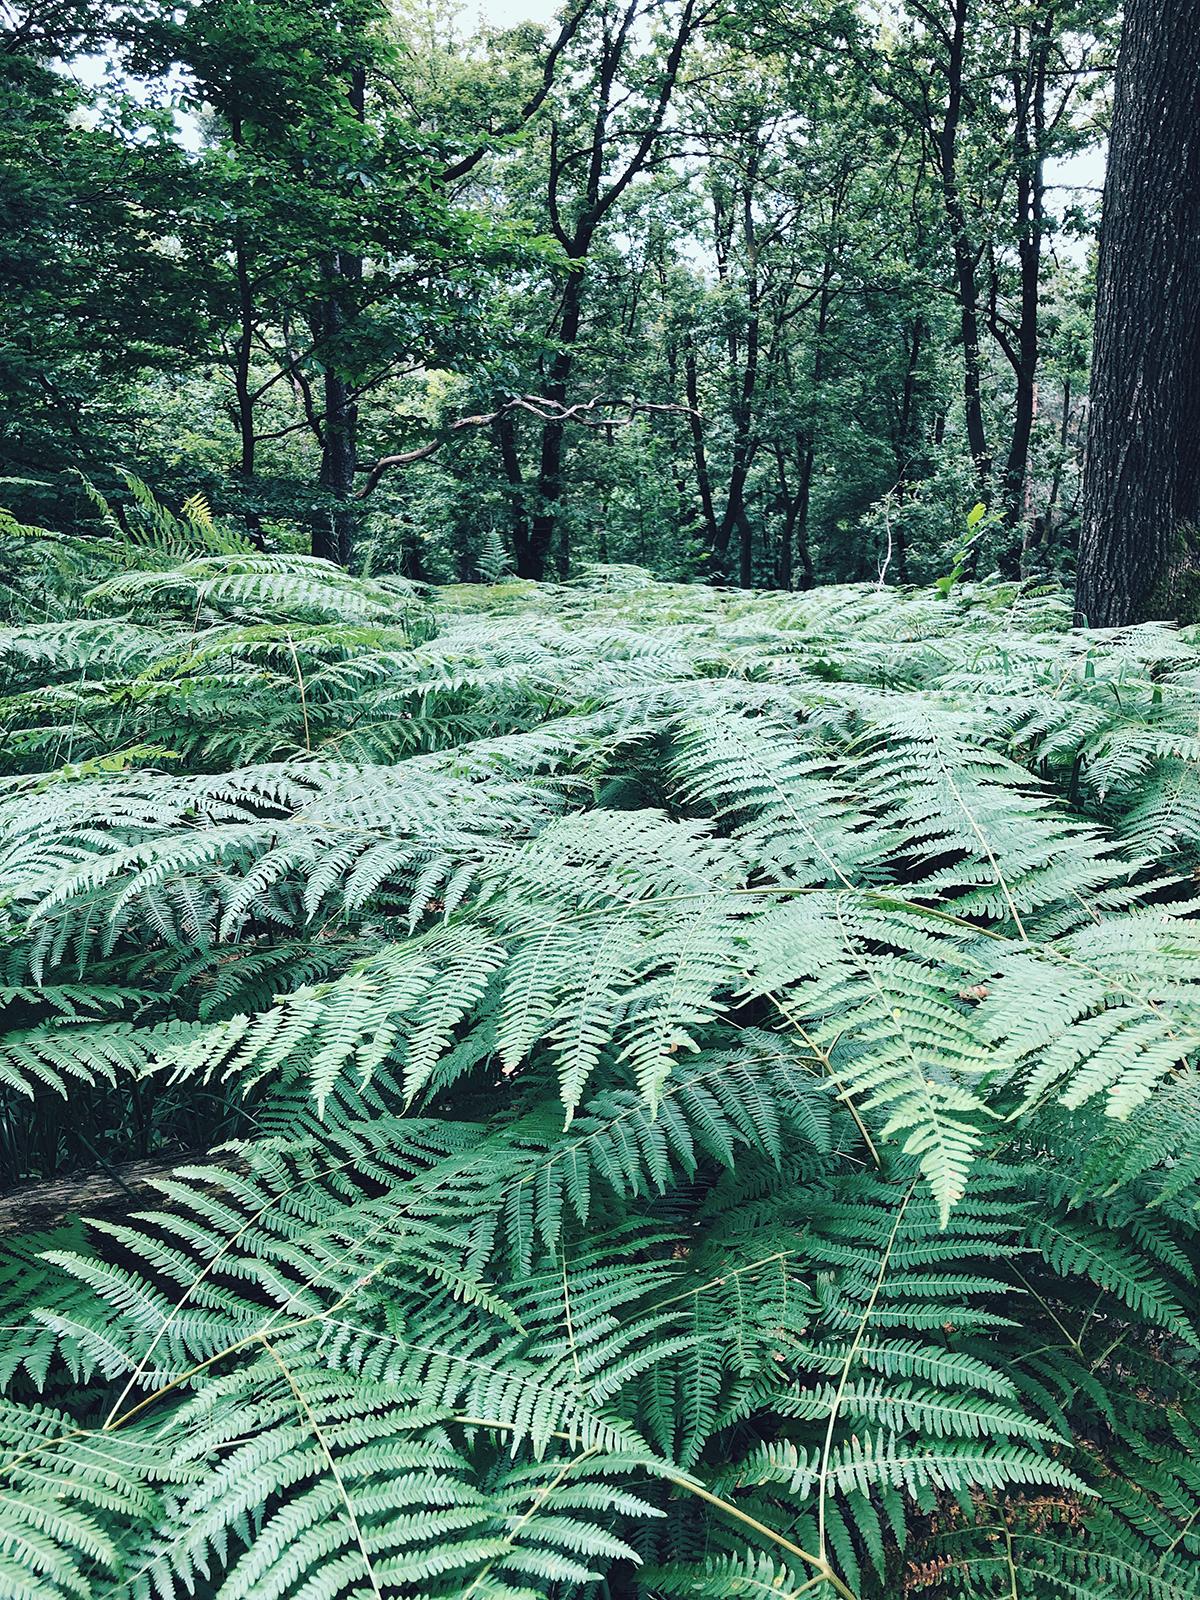 ohranimo-naravo-čisto-in-neokrnjeno-lili-in-roza-blog-skrb-za-okolje-gozd-18.JPG